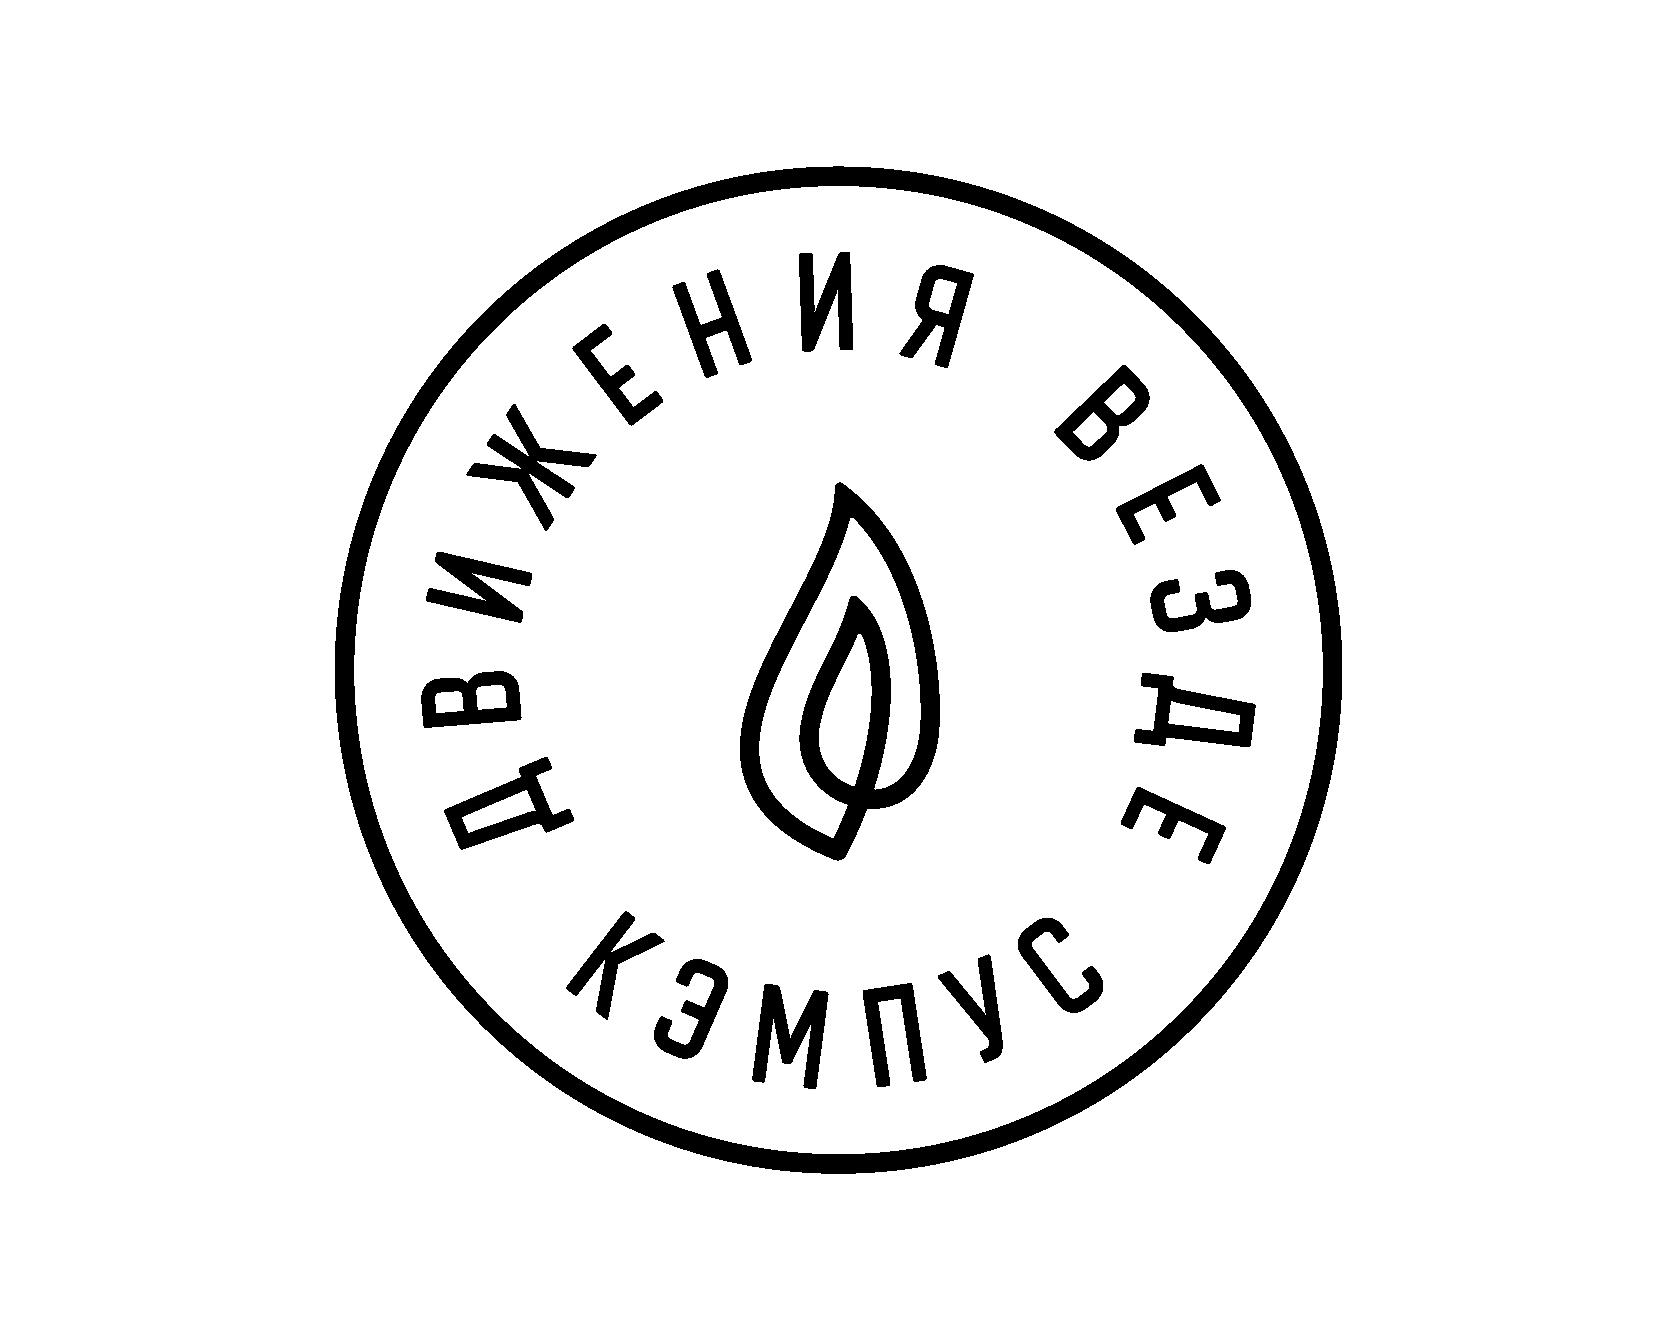 Студенческое сообщество Кэмпус